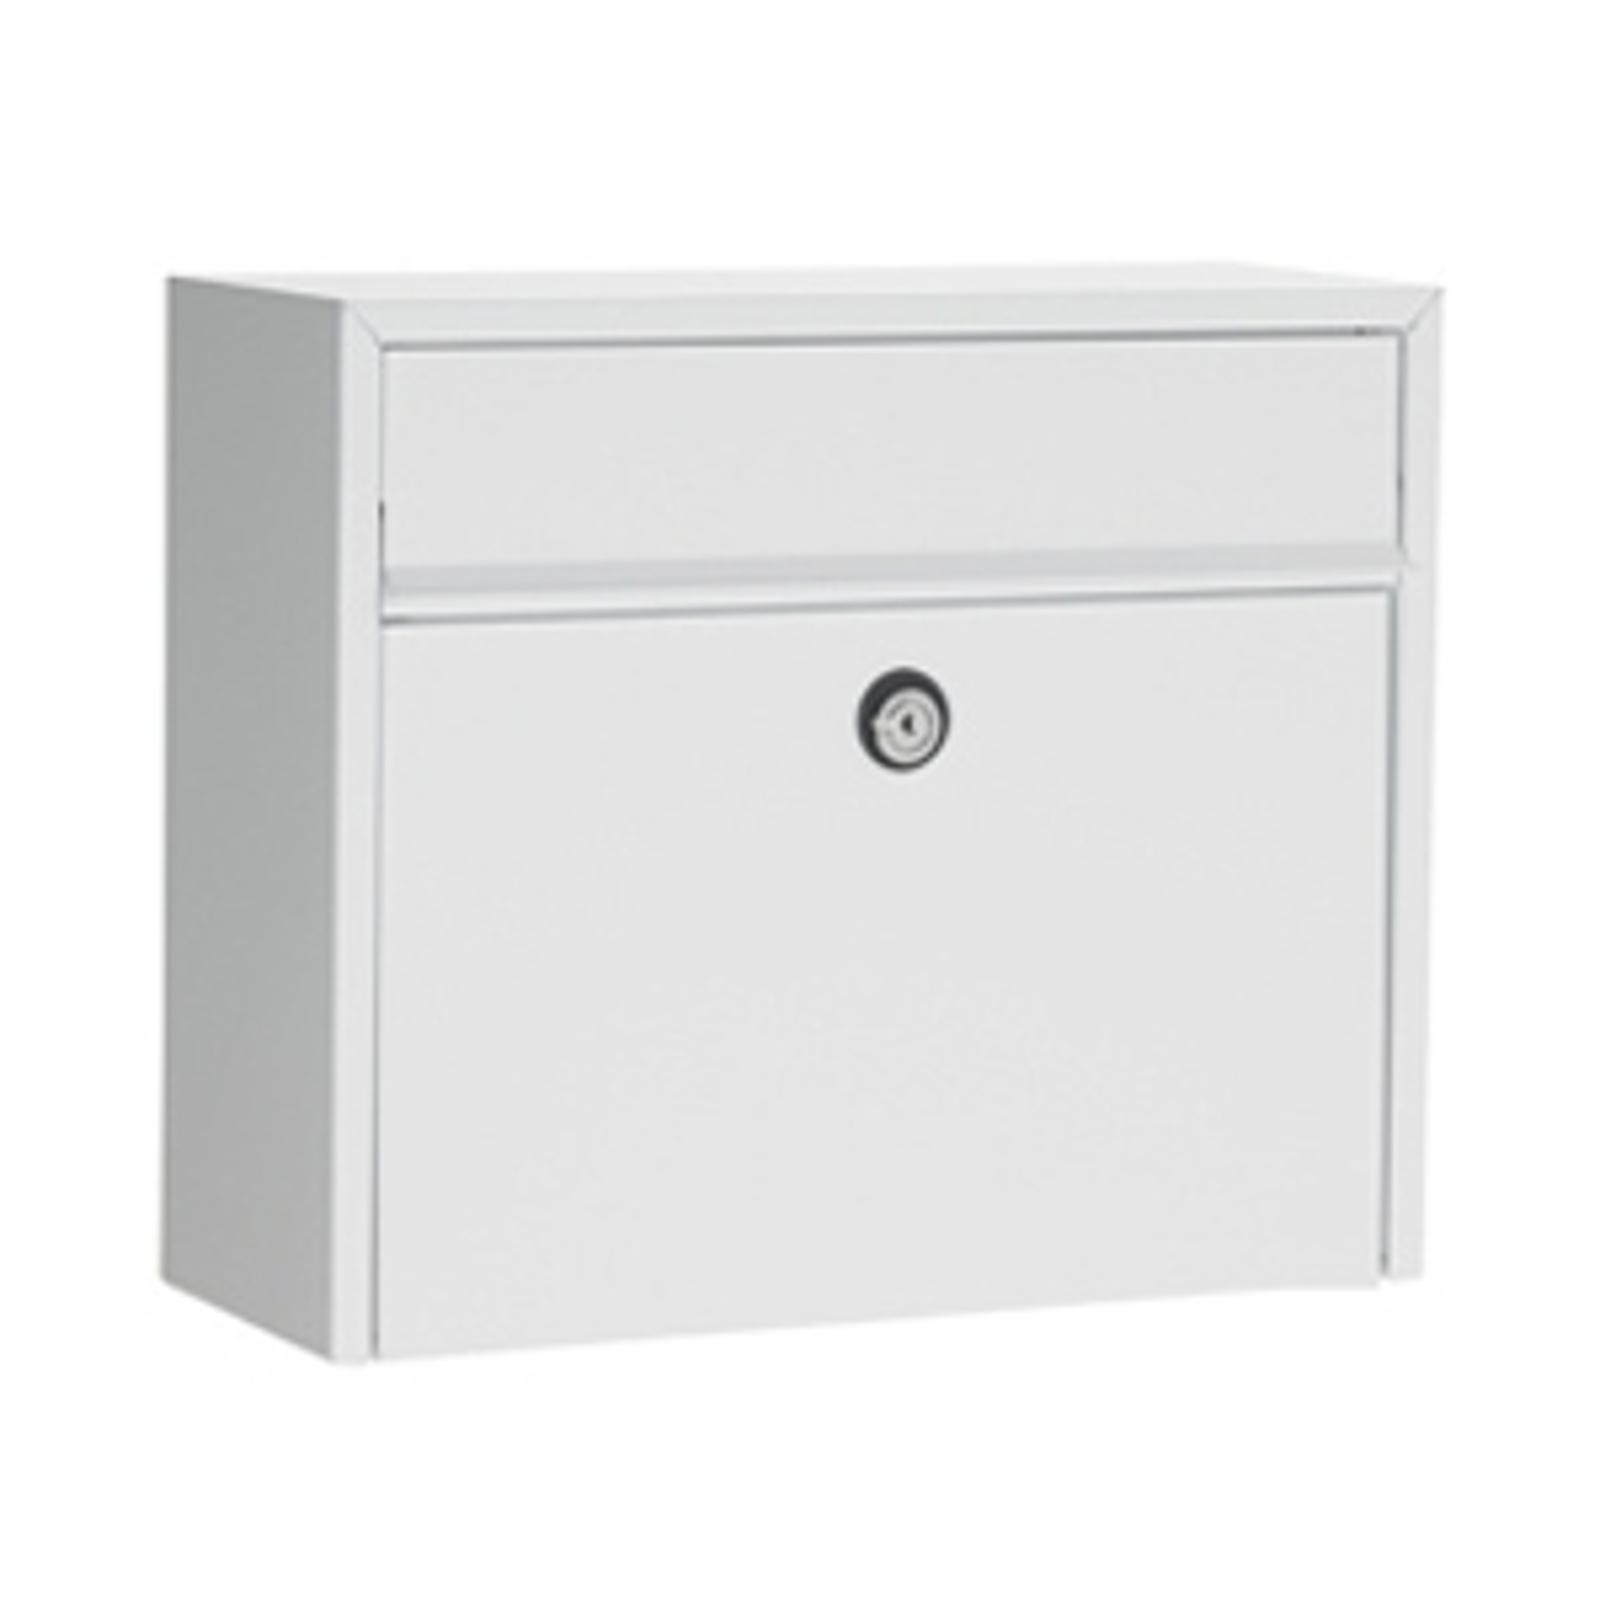 Eenvoudige brievenbus LT150, wit, Euro